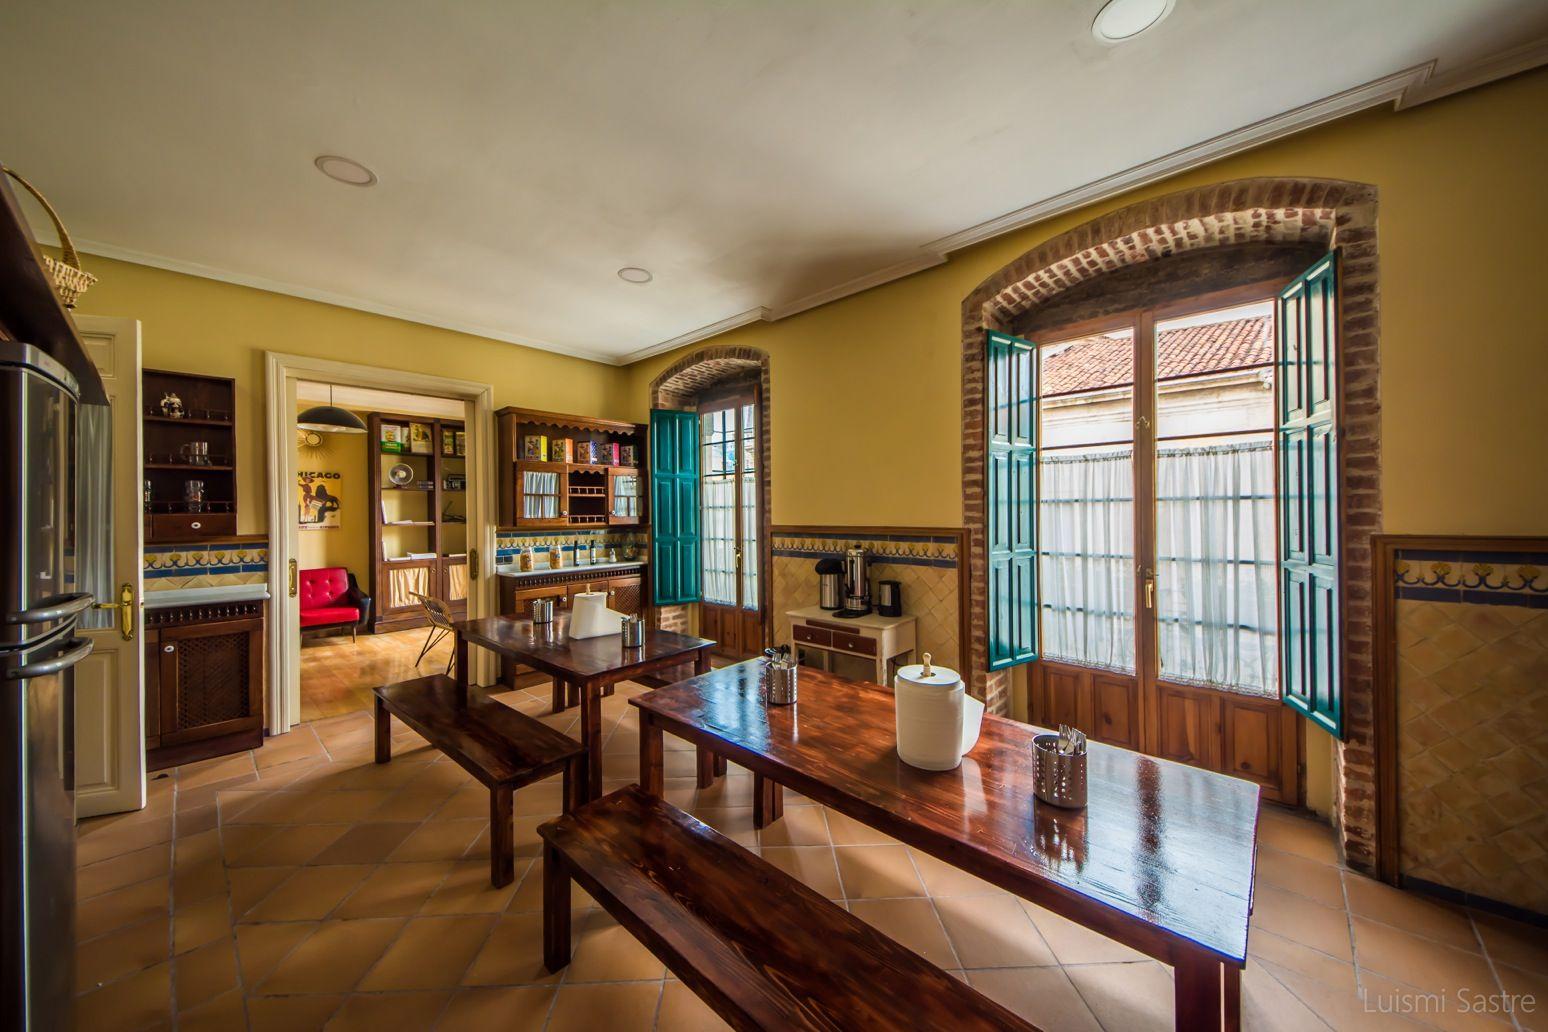 Cocina y zona de comedor: Instalaciones de Covent Garden Hostel